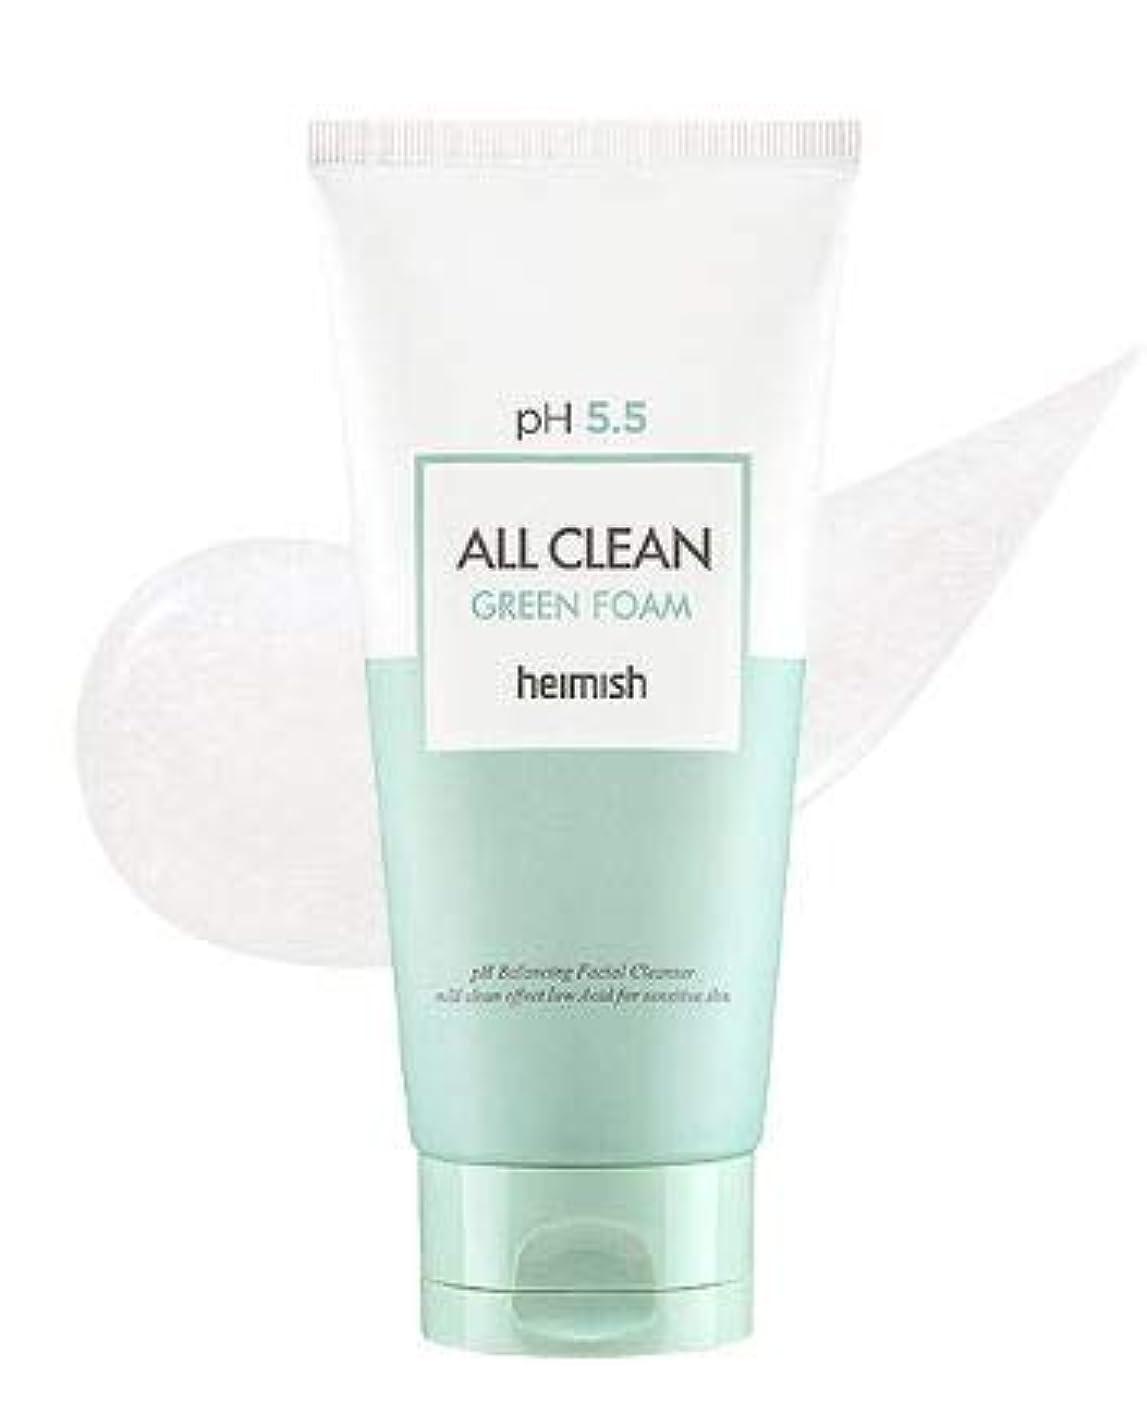 短くする忌避剤スペイン語[heimish] All Clean Green Foam 150g / [ヘイミッシュ] オールクリーン グリーン フォーム 150g [並行輸入品]